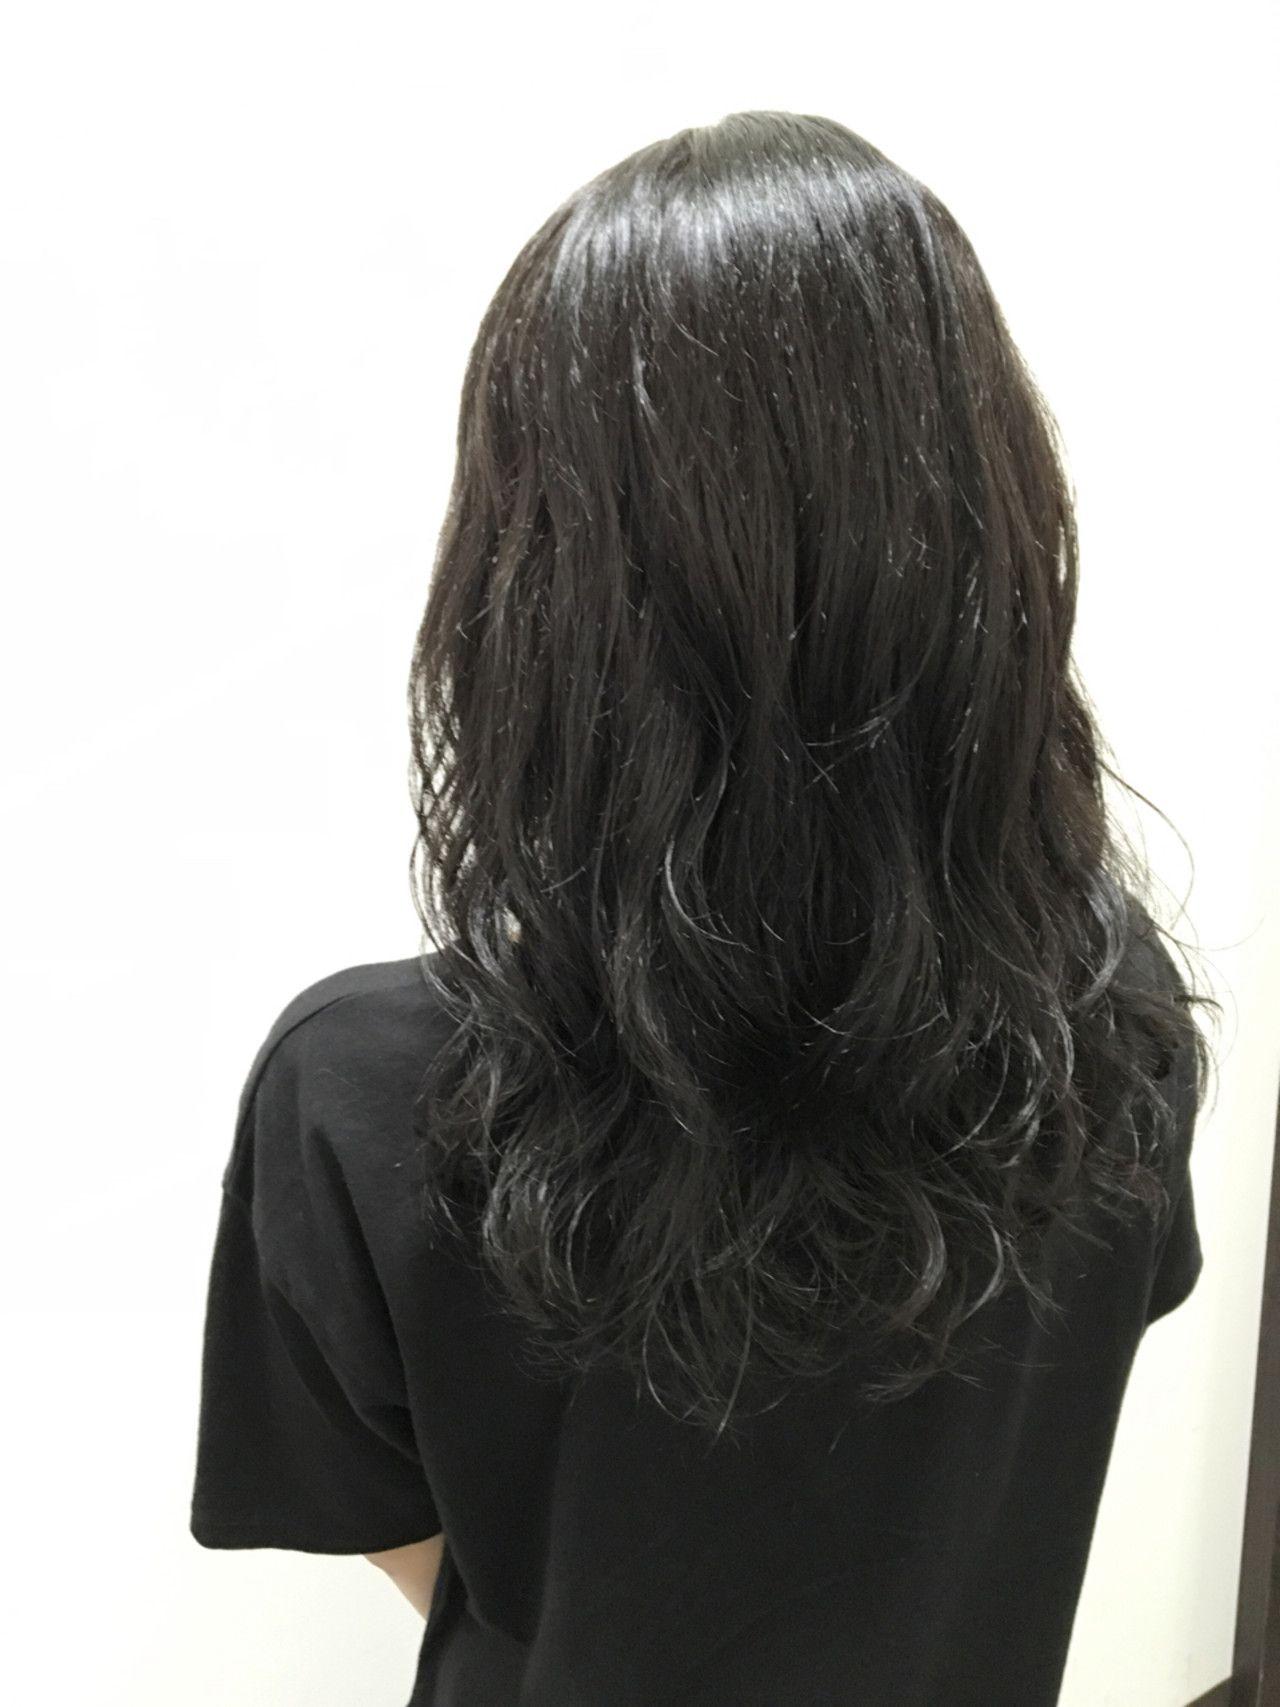 黒髪 アッシュでうるっうるの透明感ヘアに変身しましょ ヘア